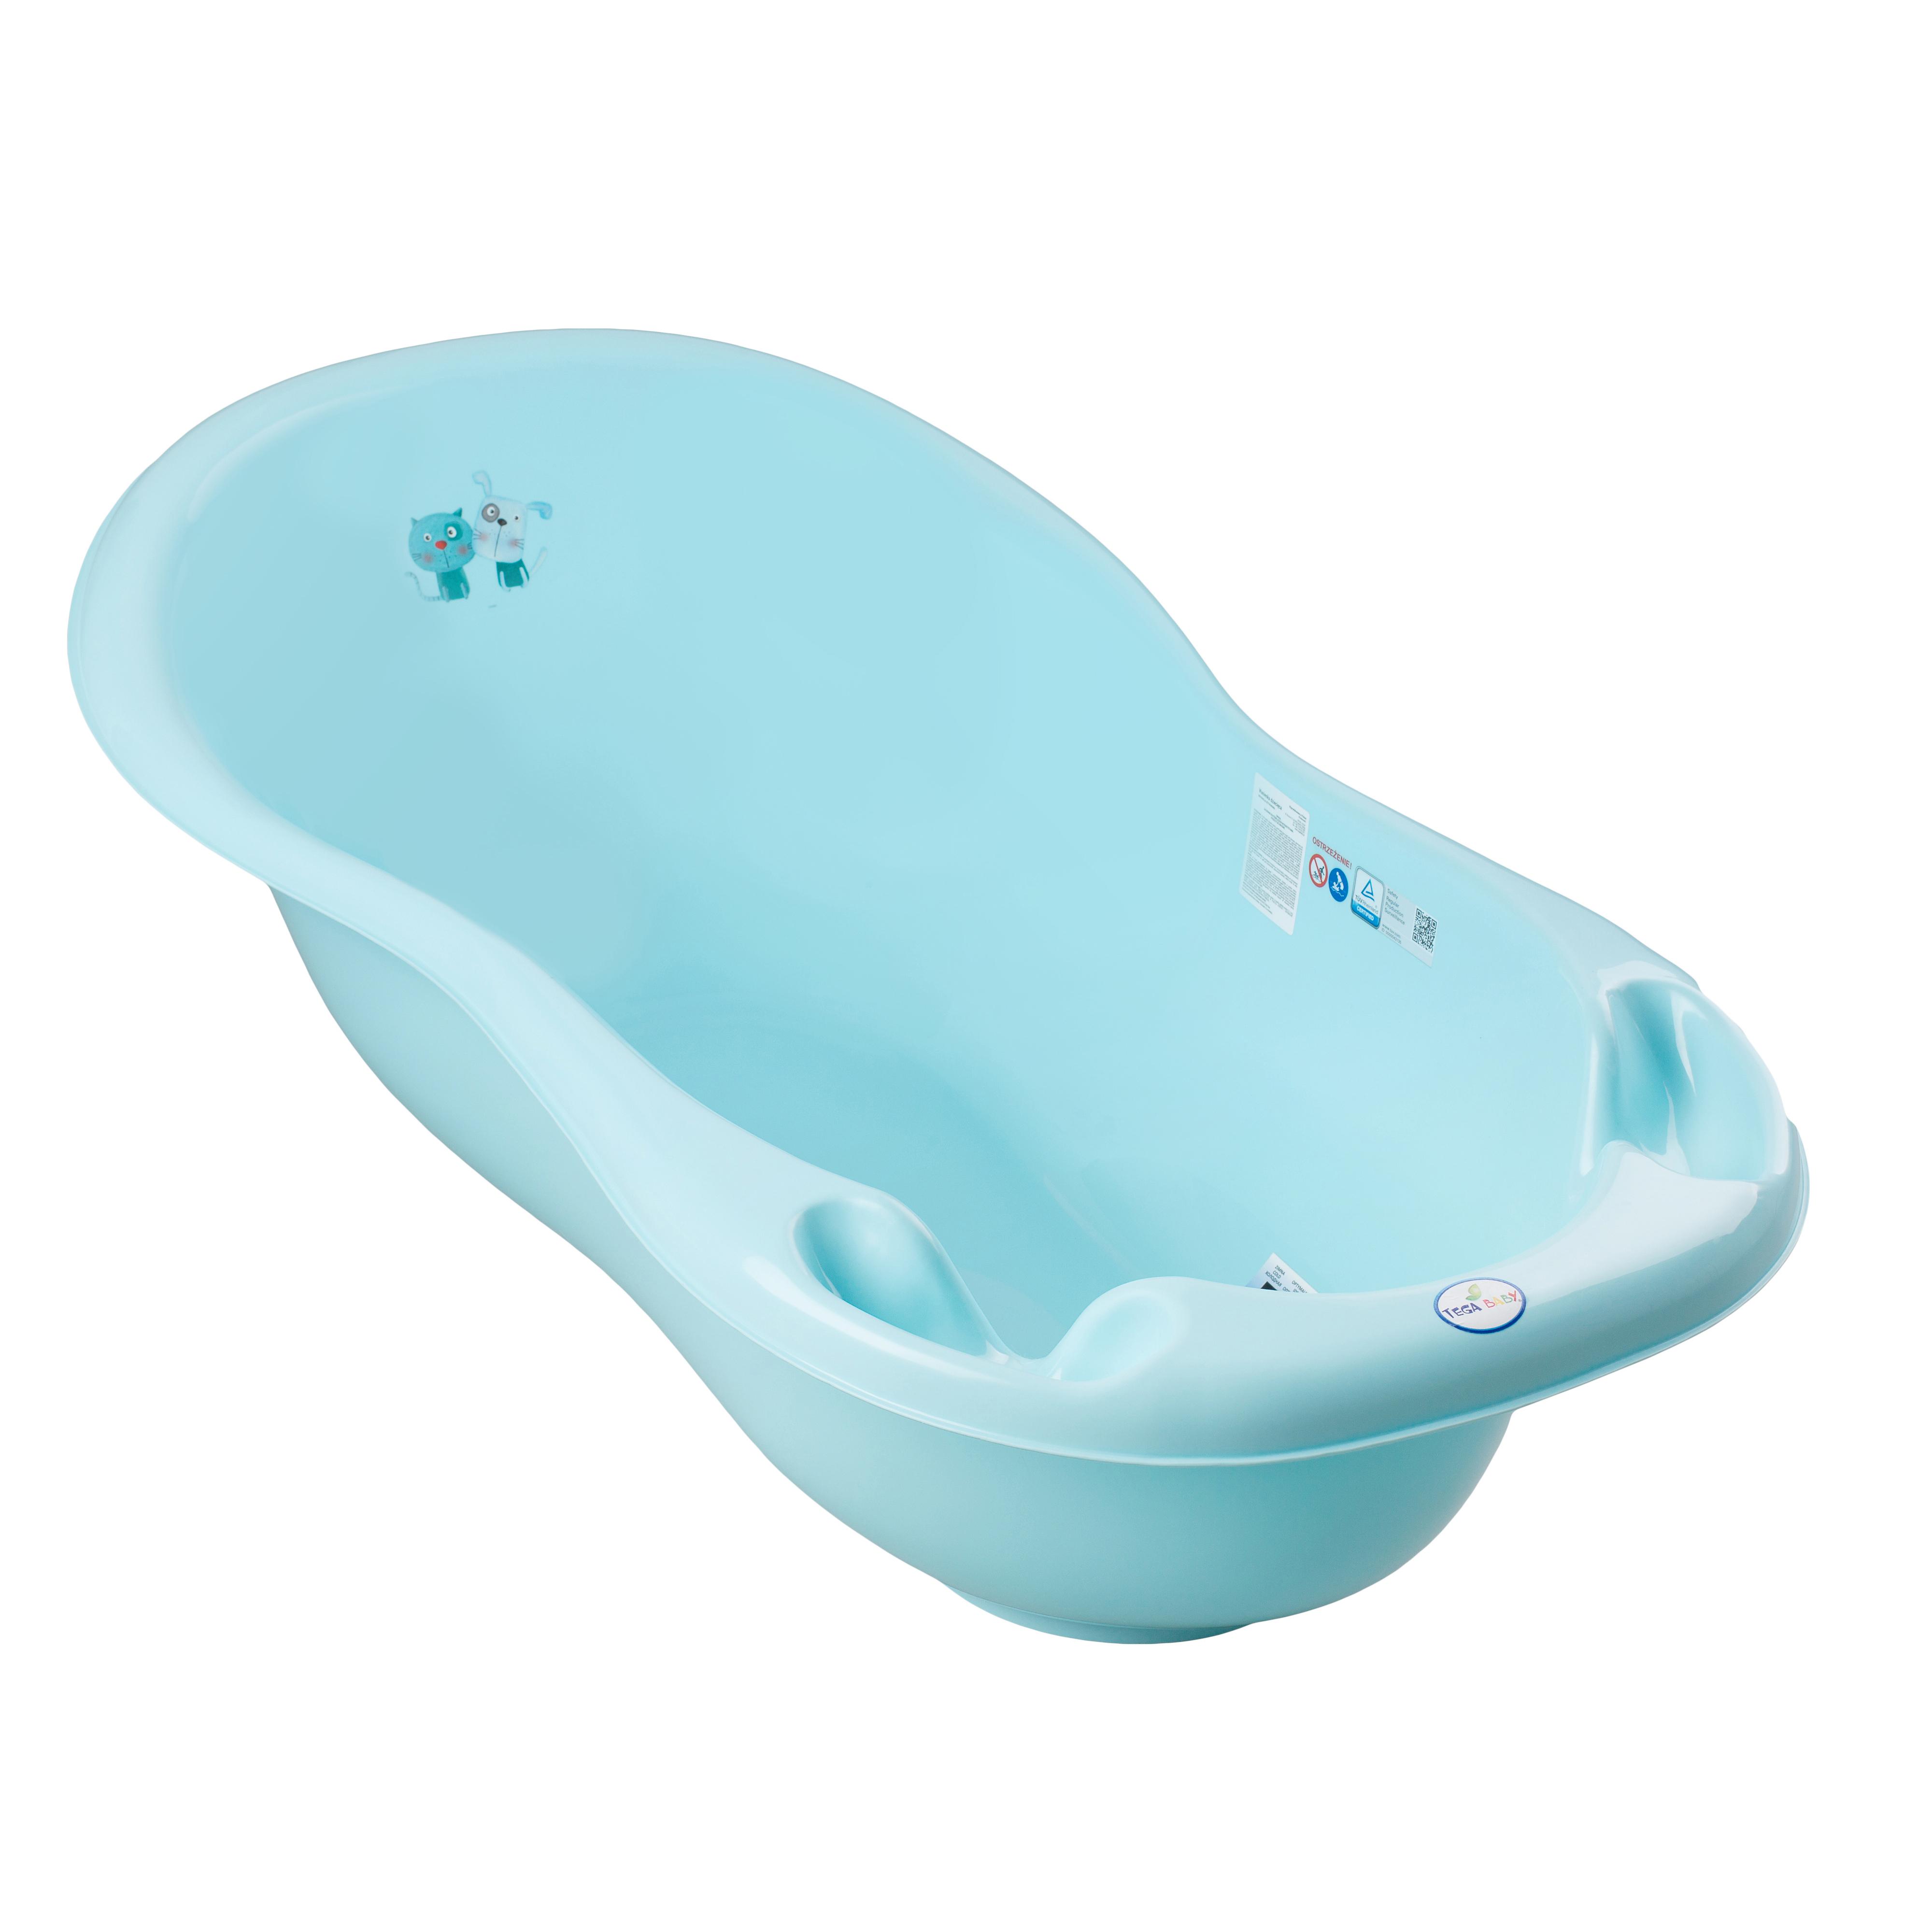 Купить Ванночка пластиковая детская Tega Пёс и кот цвет синий 102 см, УТ0009641, Tega Baby,